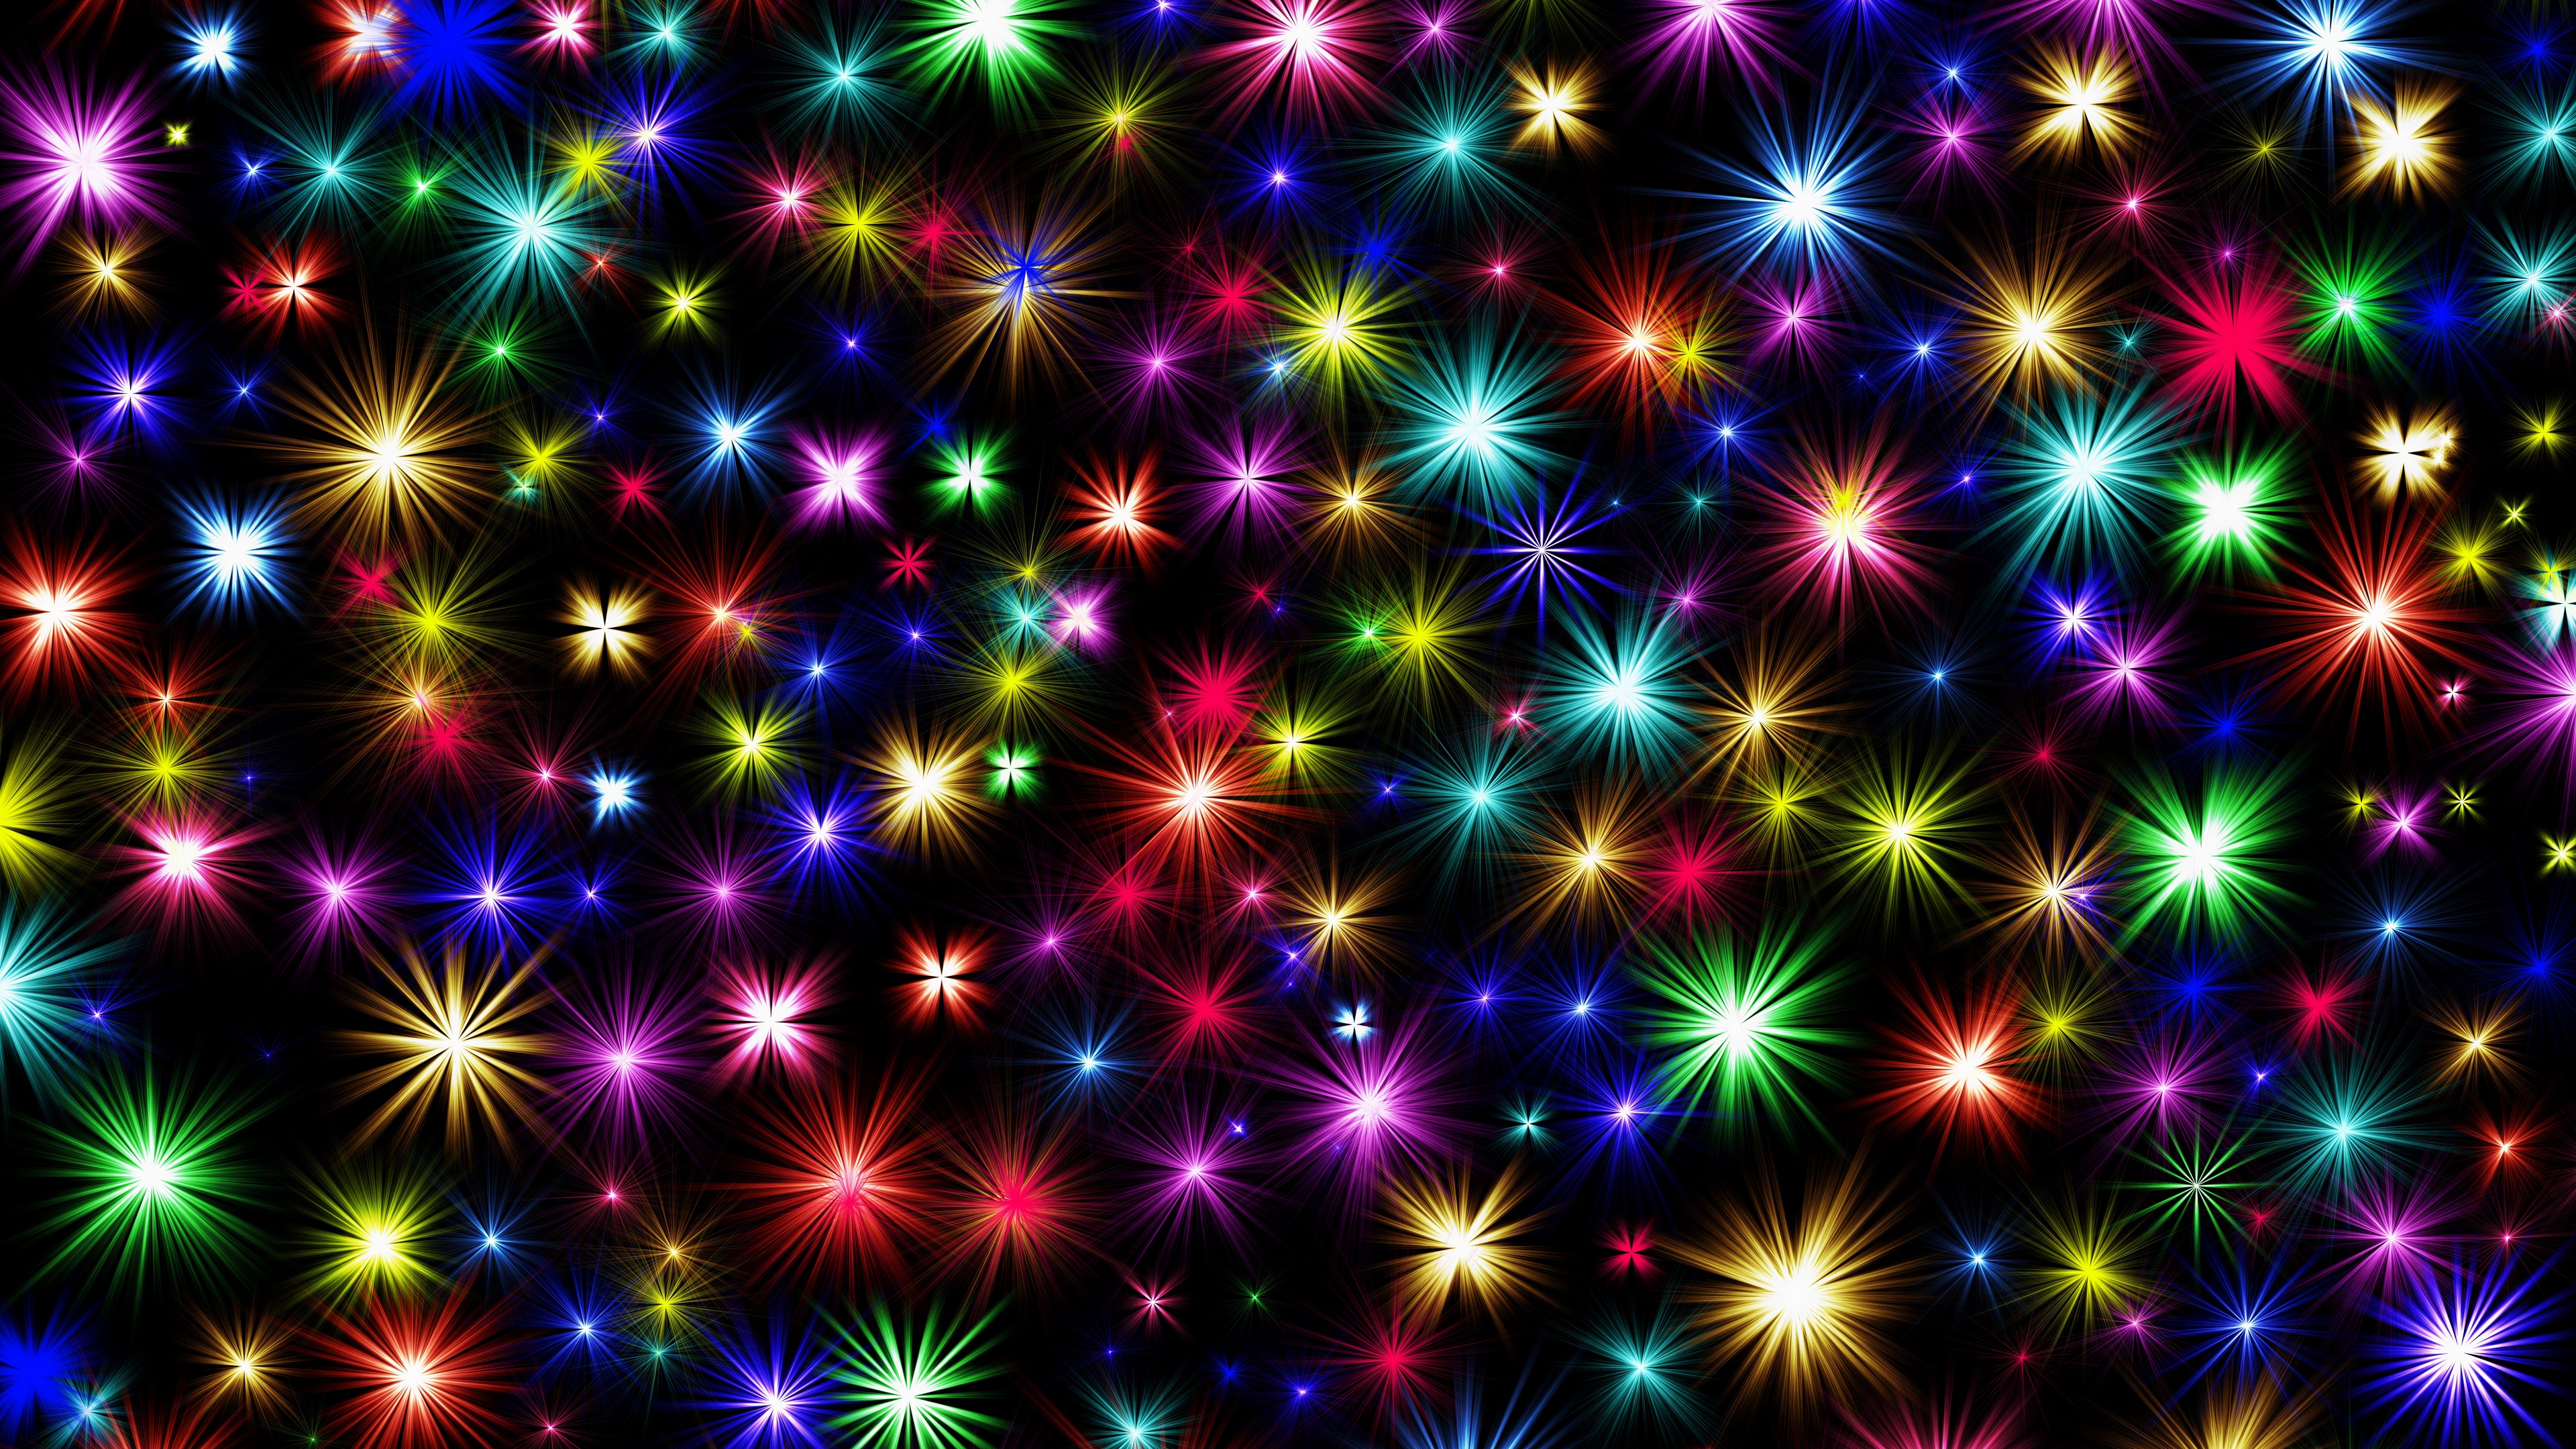 sparks colorful fireworks shine 4k 1539369843 - sparks, colorful, fireworks, shine 4k - Sparks, Fireworks, Colorful